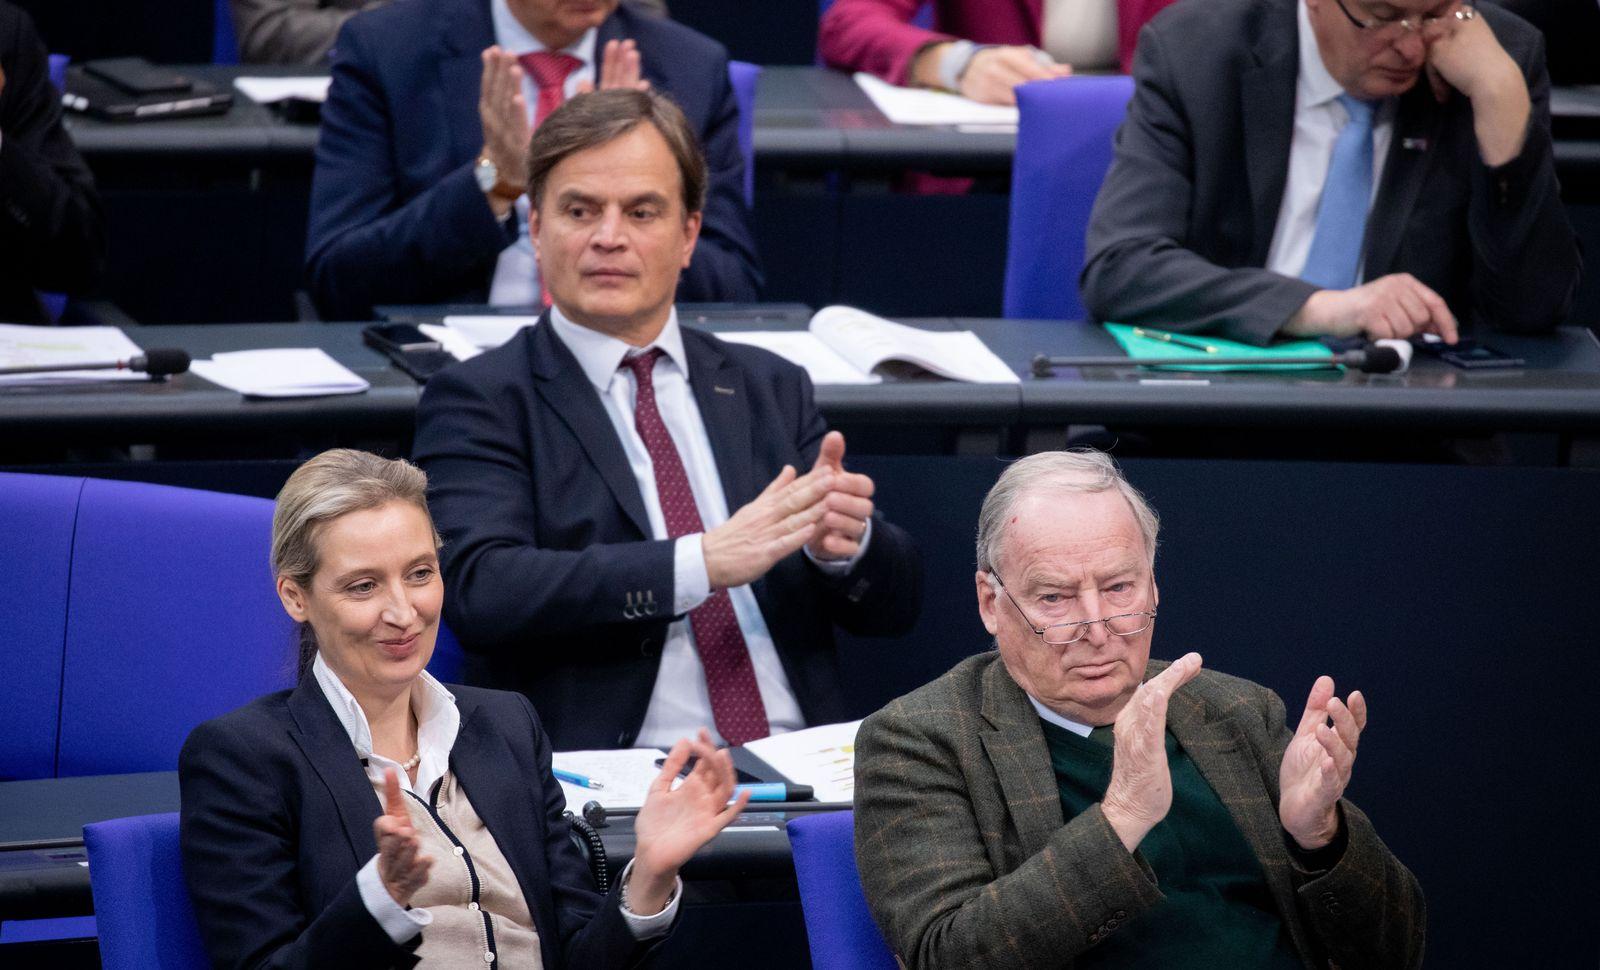 Afd / Bundestag